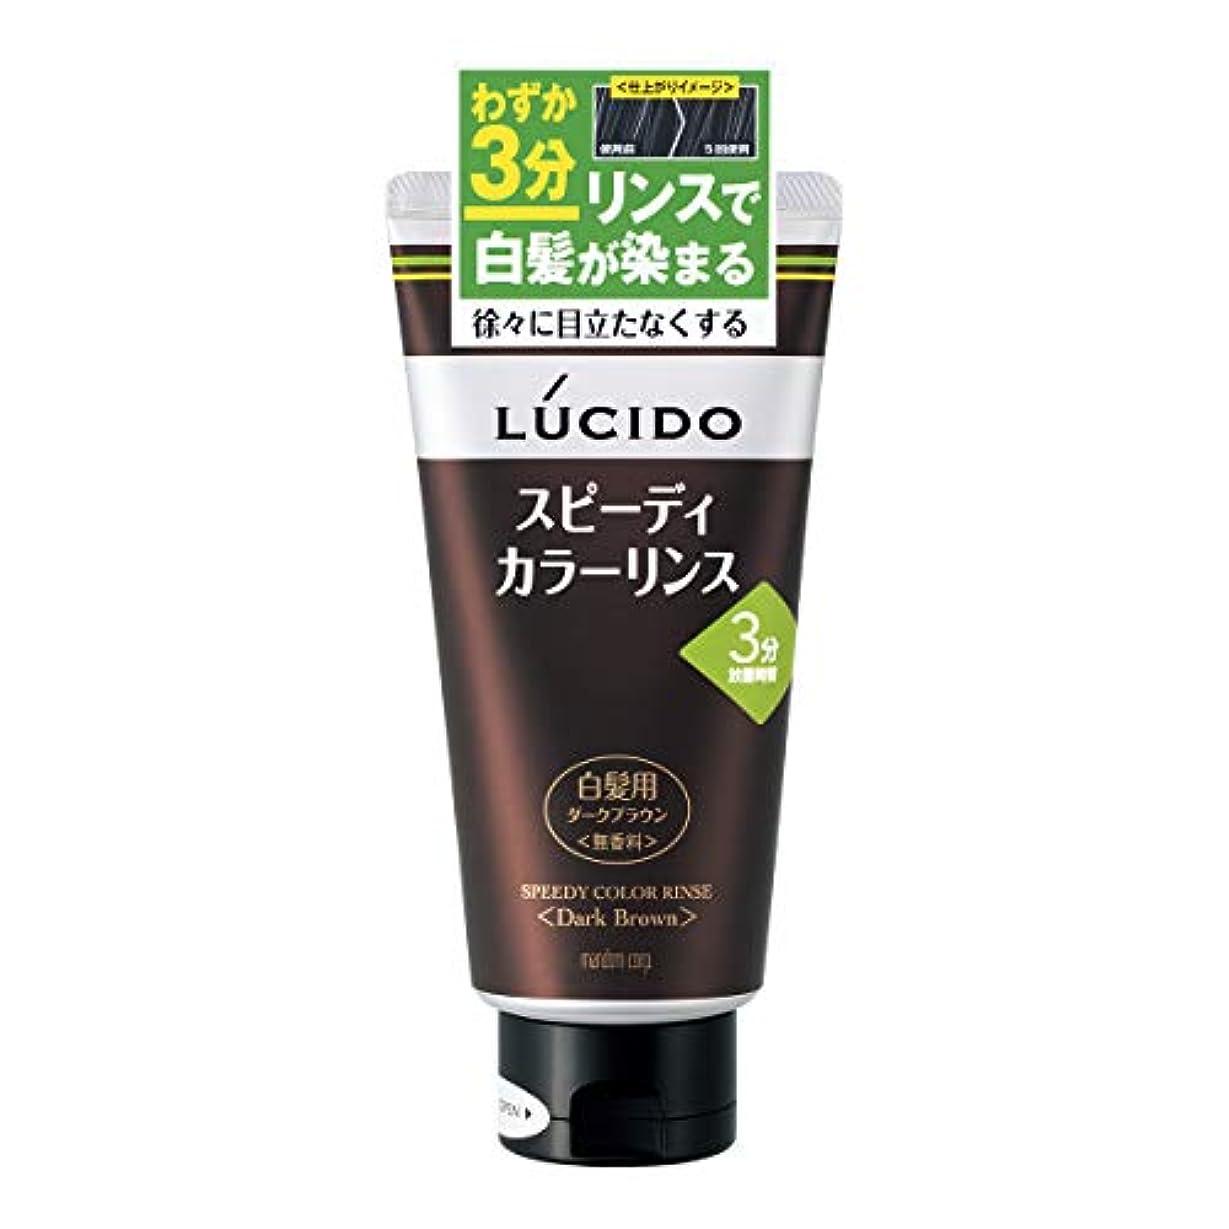 レンチバリア対人LUCIDO(ルシード) スピーディカラーリンス ダークブラウン 160g リンスで簡単白髪染め